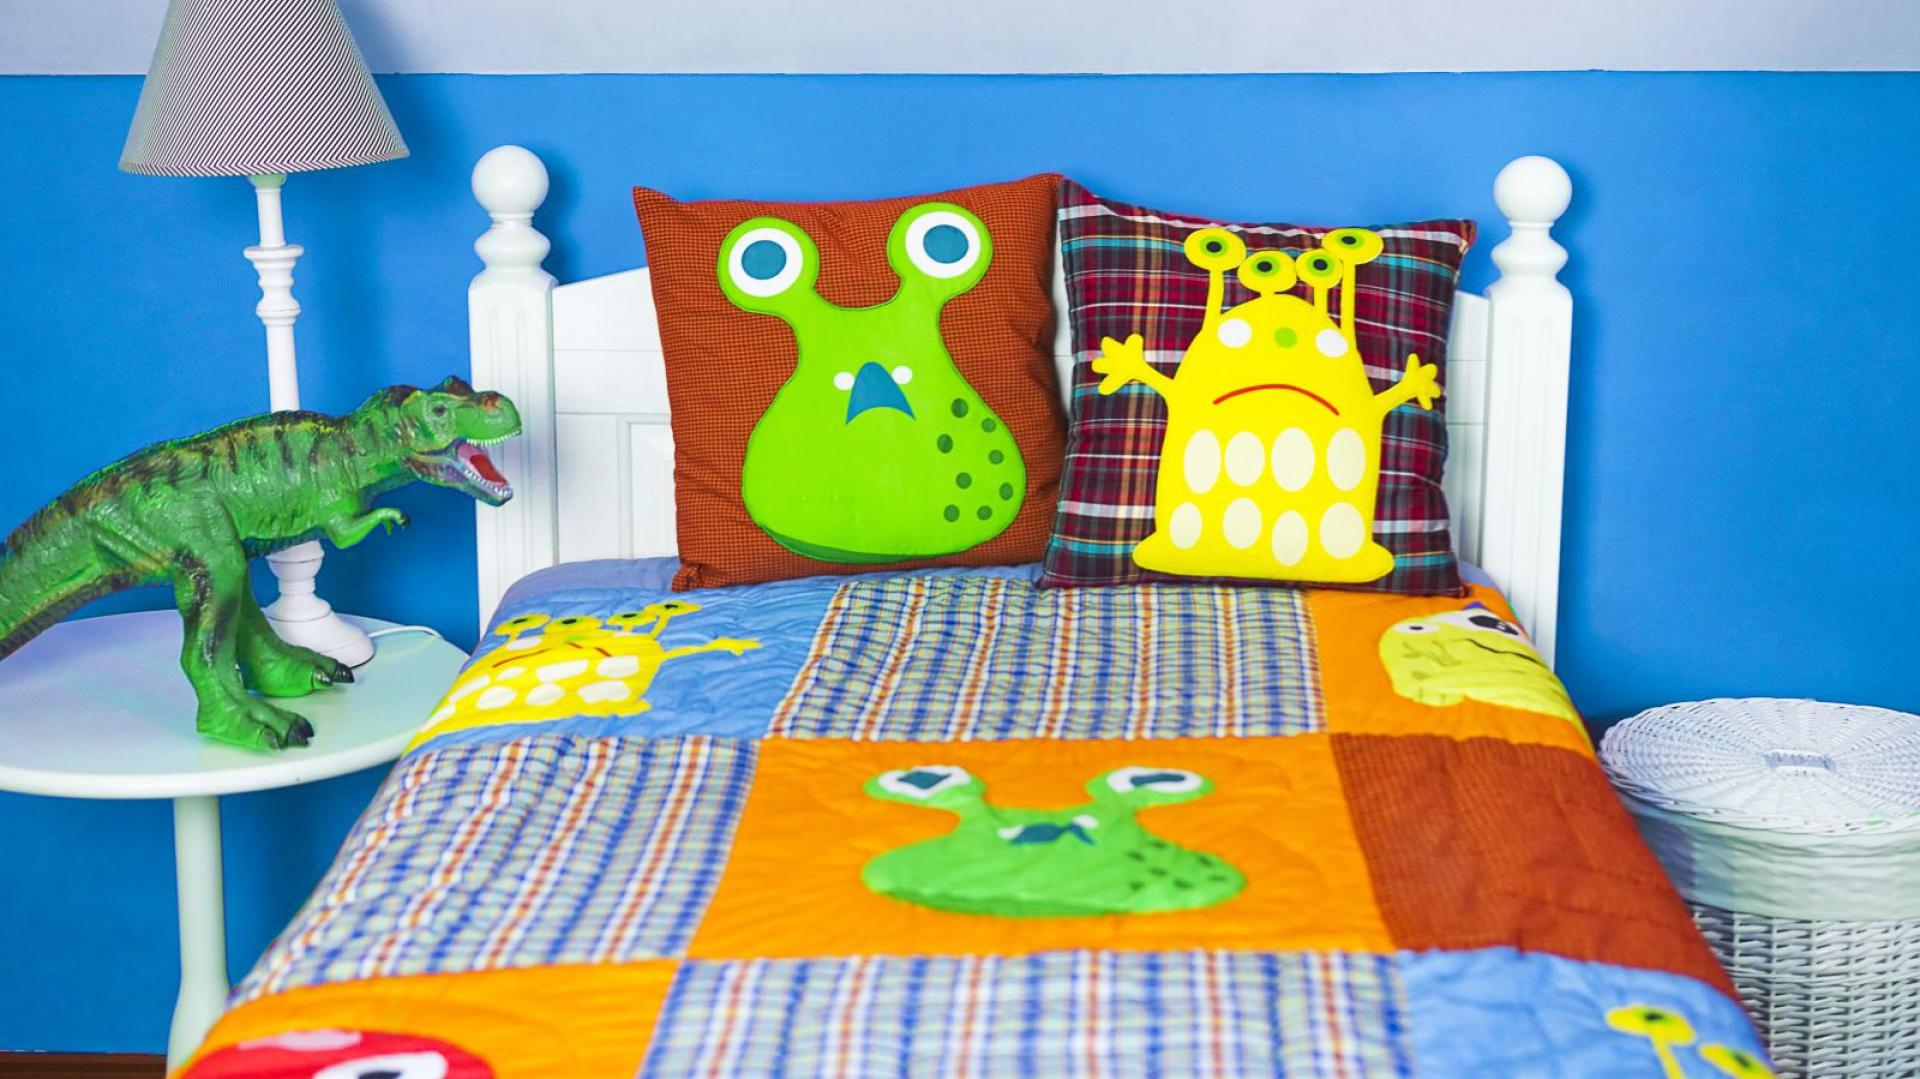 Potwory z kolekcji pościeli Monsters marki Milvai wcale nie są straszne. Wręcz przeciwnie - dbają o  to, by do maluchów przychodziły wyłącznie dobre, kolorowe sny. Fot. Milvai.